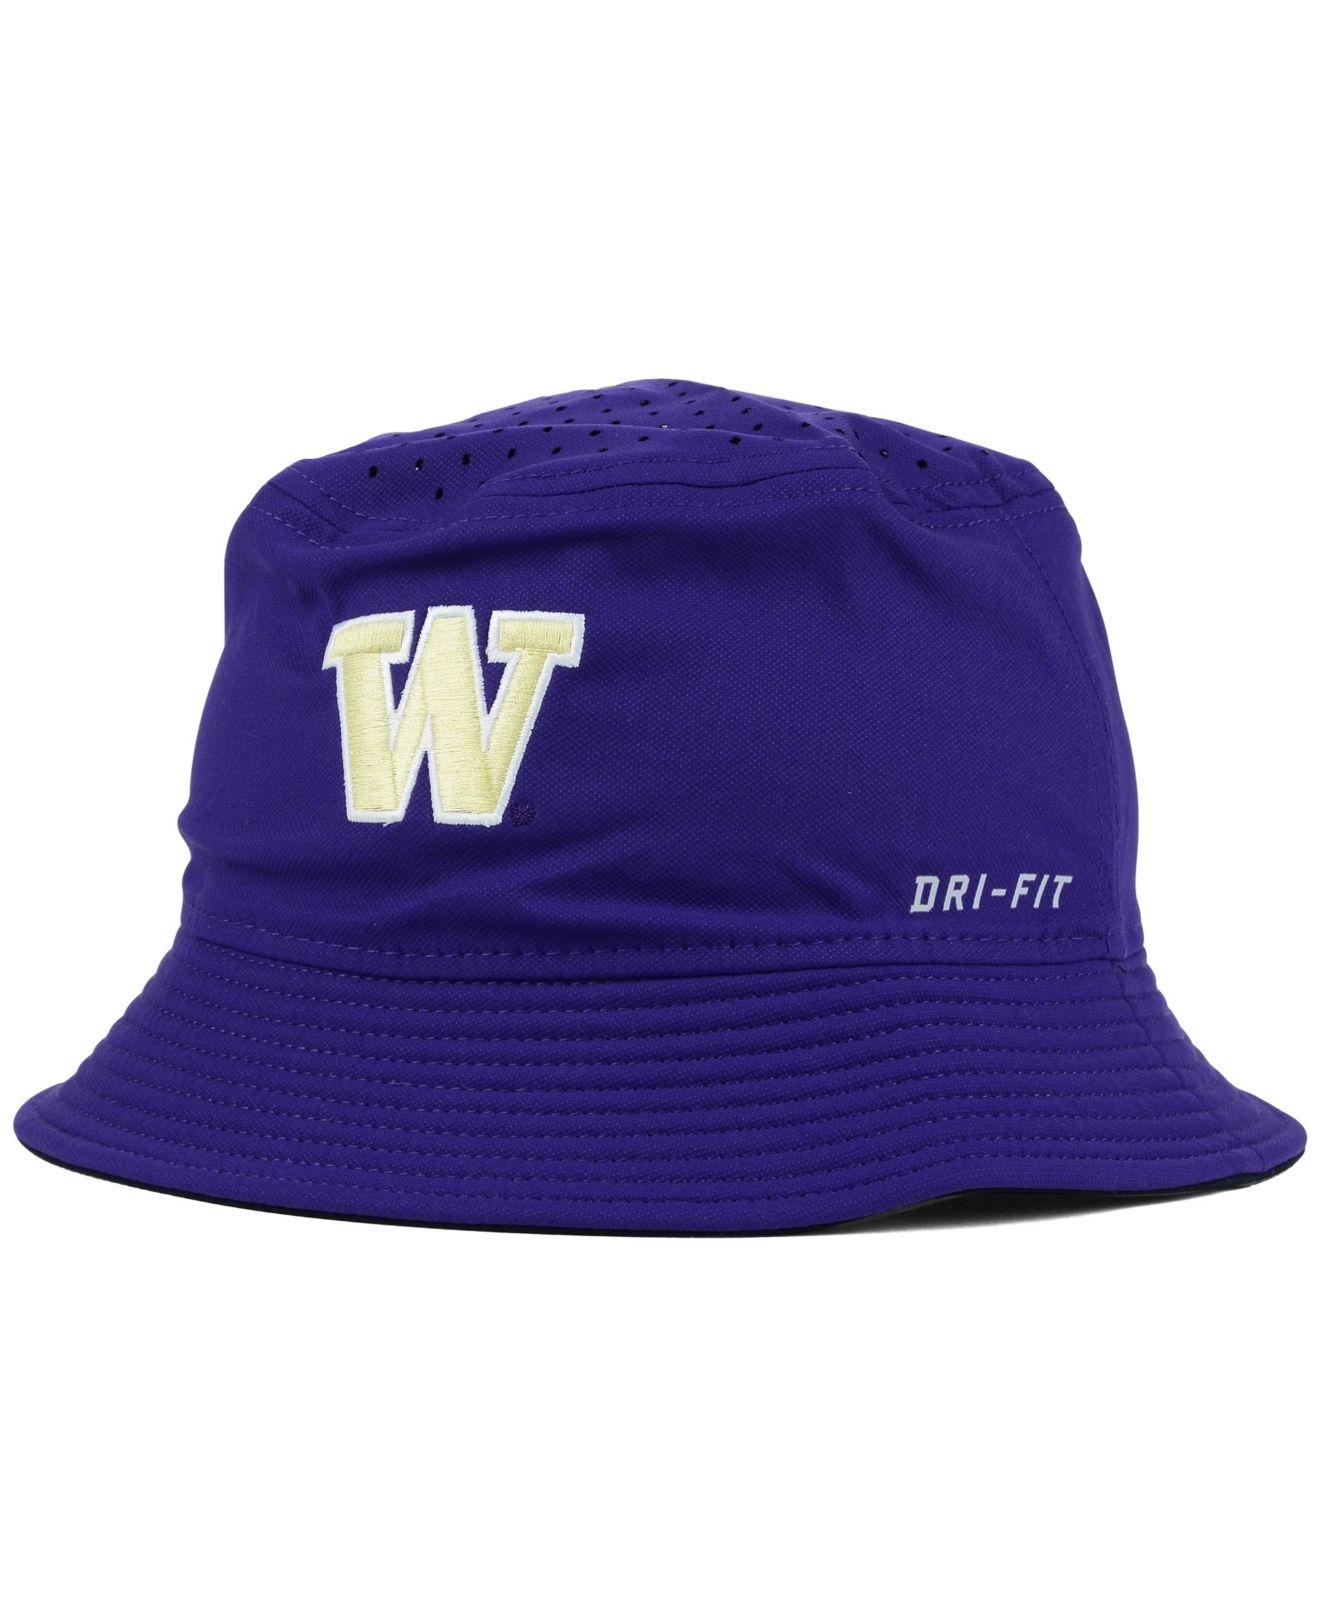 Lyst - Nike Washington Huskies Vapor Bucket Hat in Purple for Men d78e88ec2af